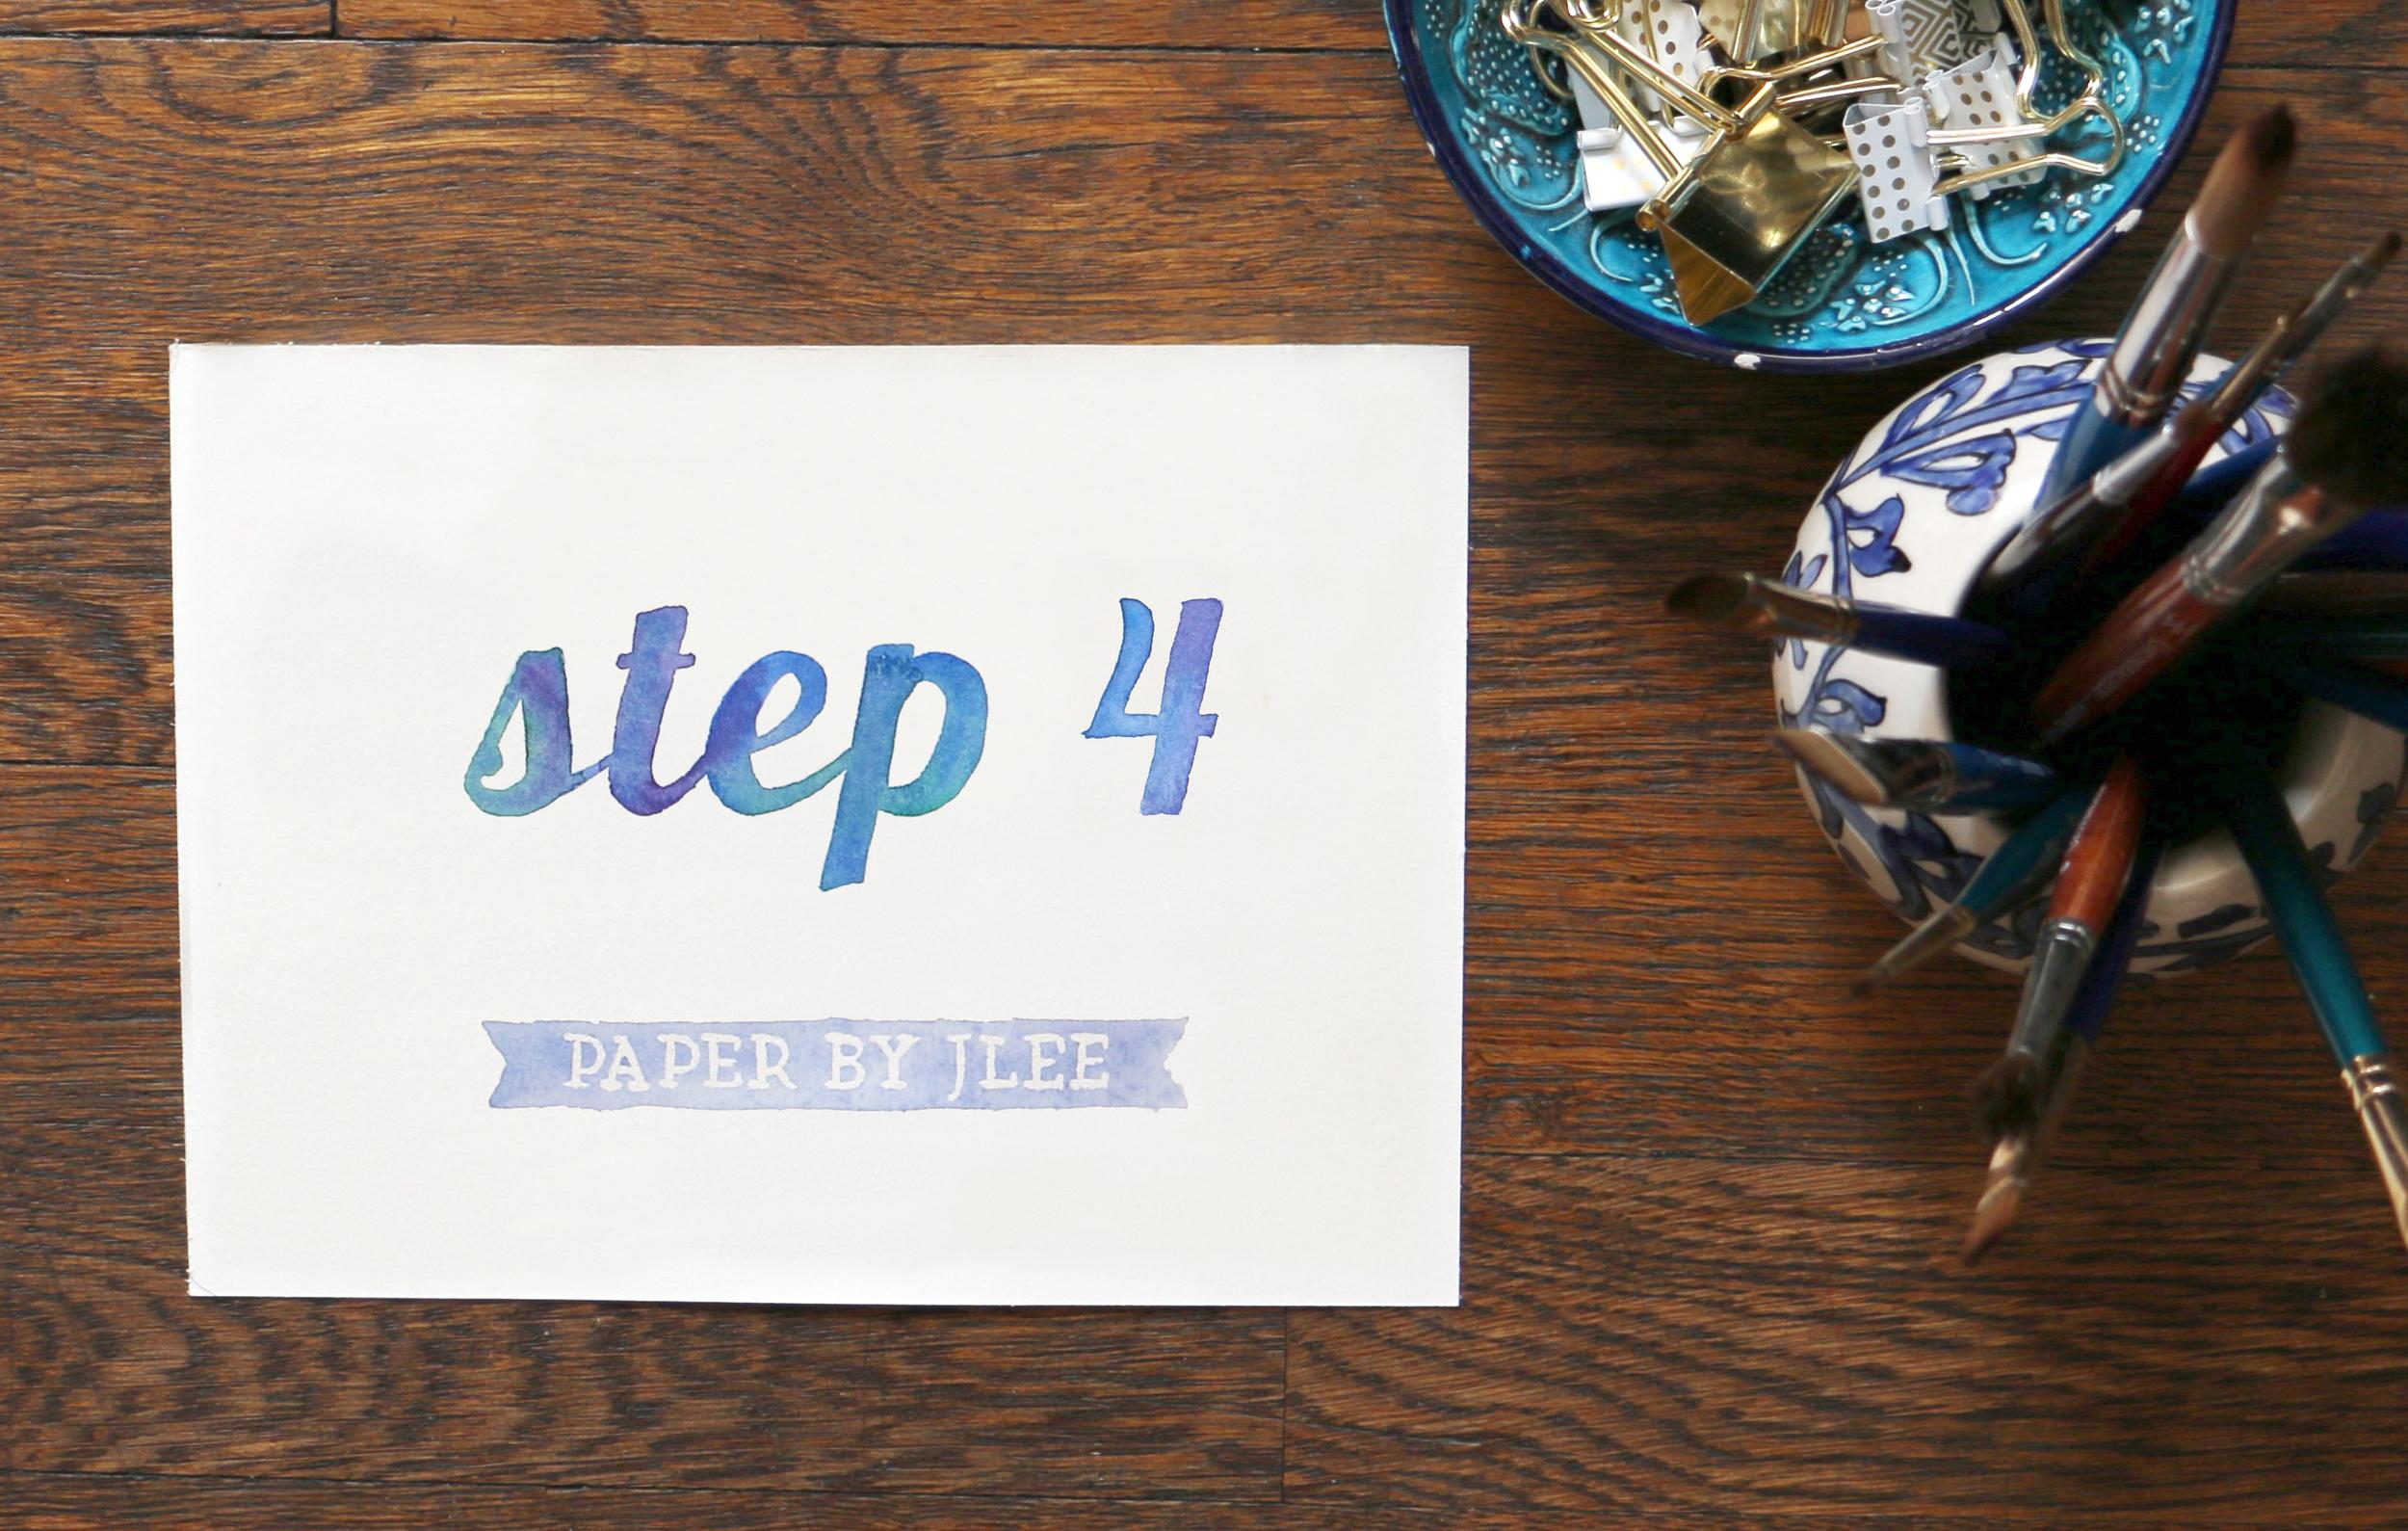 Paper by JLee: Step 4